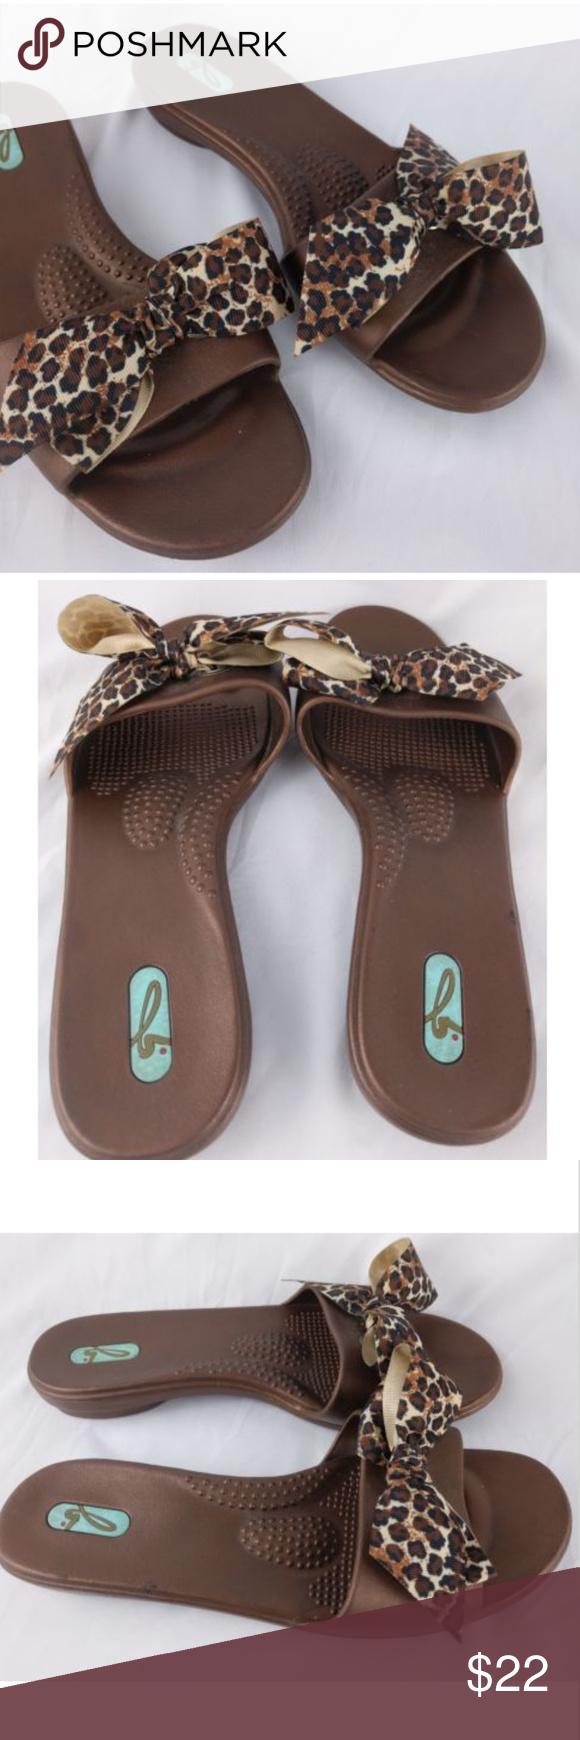 6fa915417798ff OKA B Madison Slide Sandals Size ML 8.5 - 9.5 Oka-B Madison Slide Sandal  Brown with Satin Leopard Print Bow Made in the U.S.A. Women s ML - Fits 8.5    9.5 ...